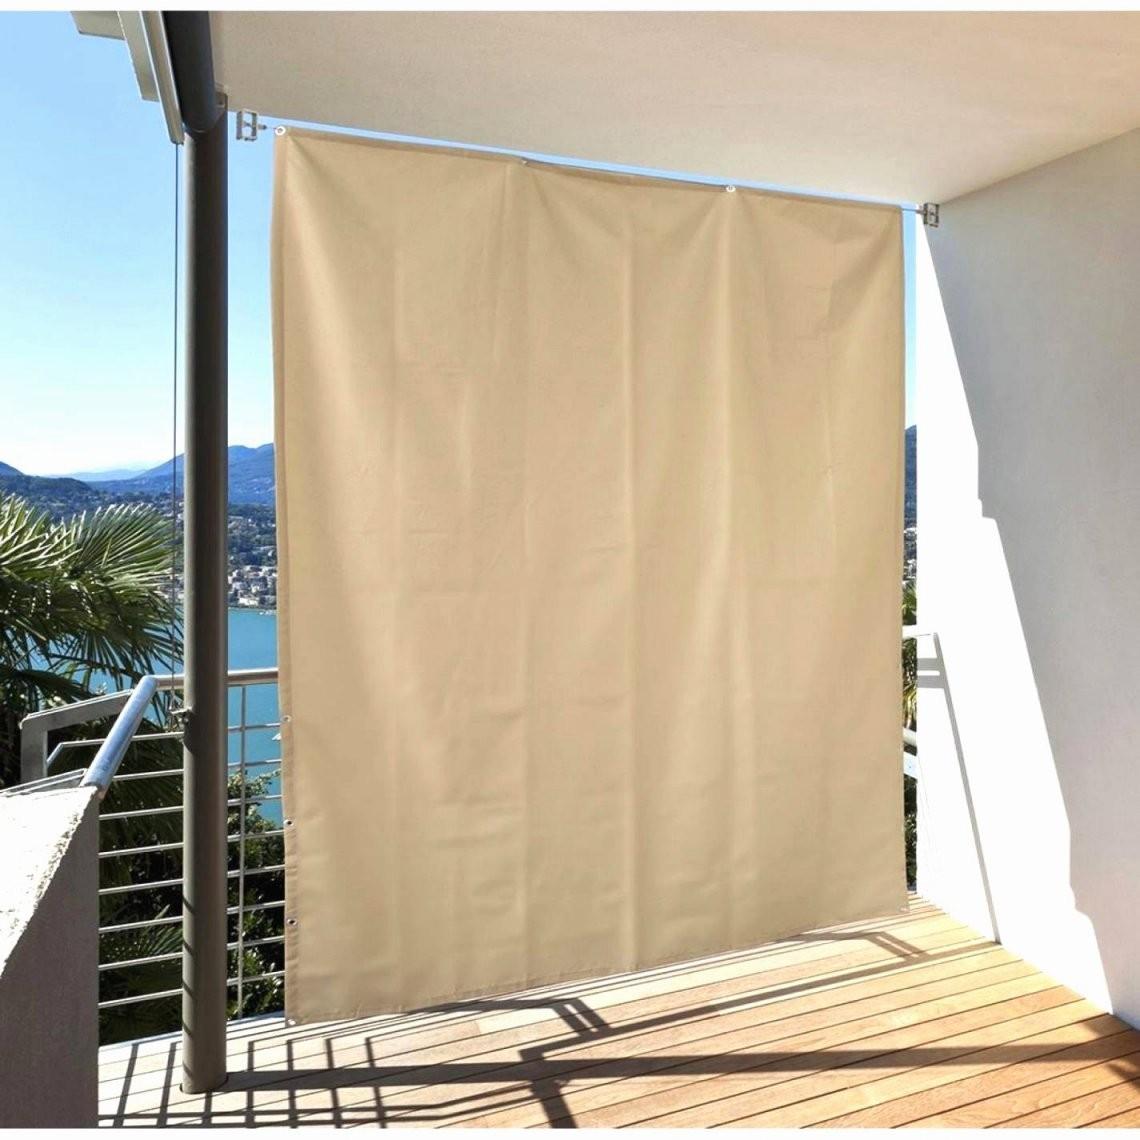 Sichtschutz Balkon Seitlich Ohne Bohren 45 Skizze Planen Von von Sichtschutz Für Balkon Ohne Bohren Photo